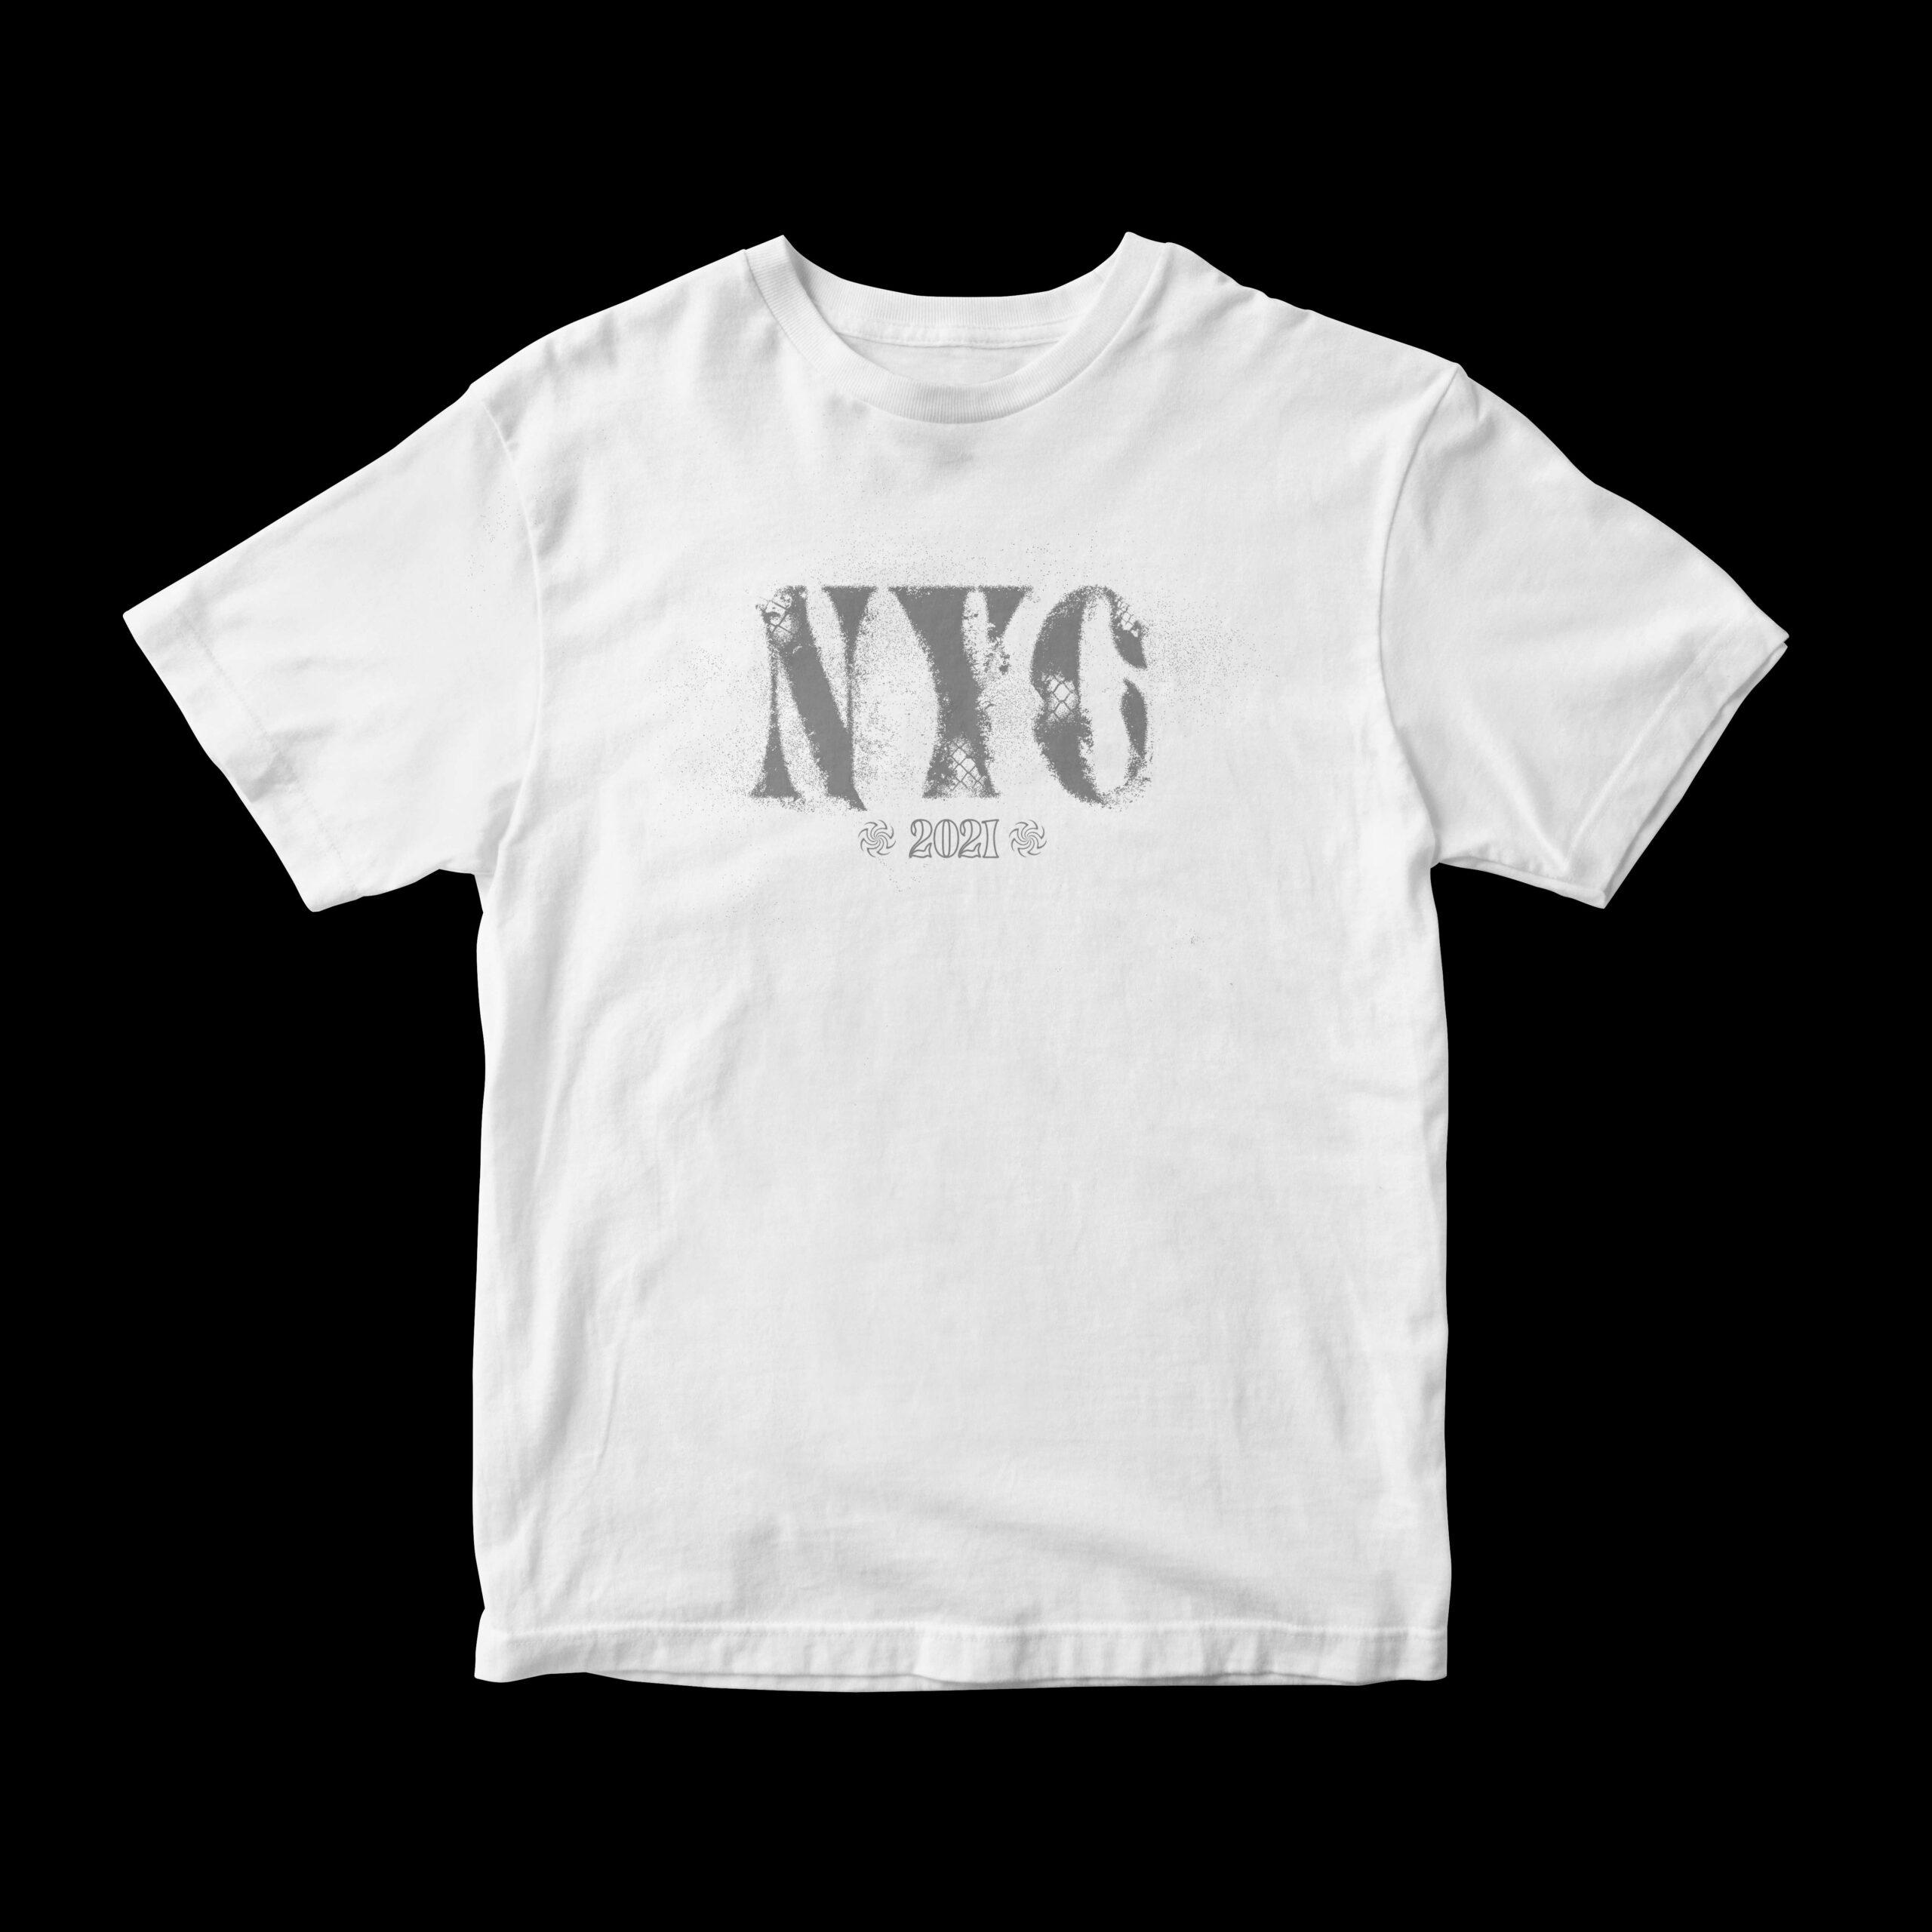 Tshirt_Mockup_small_3